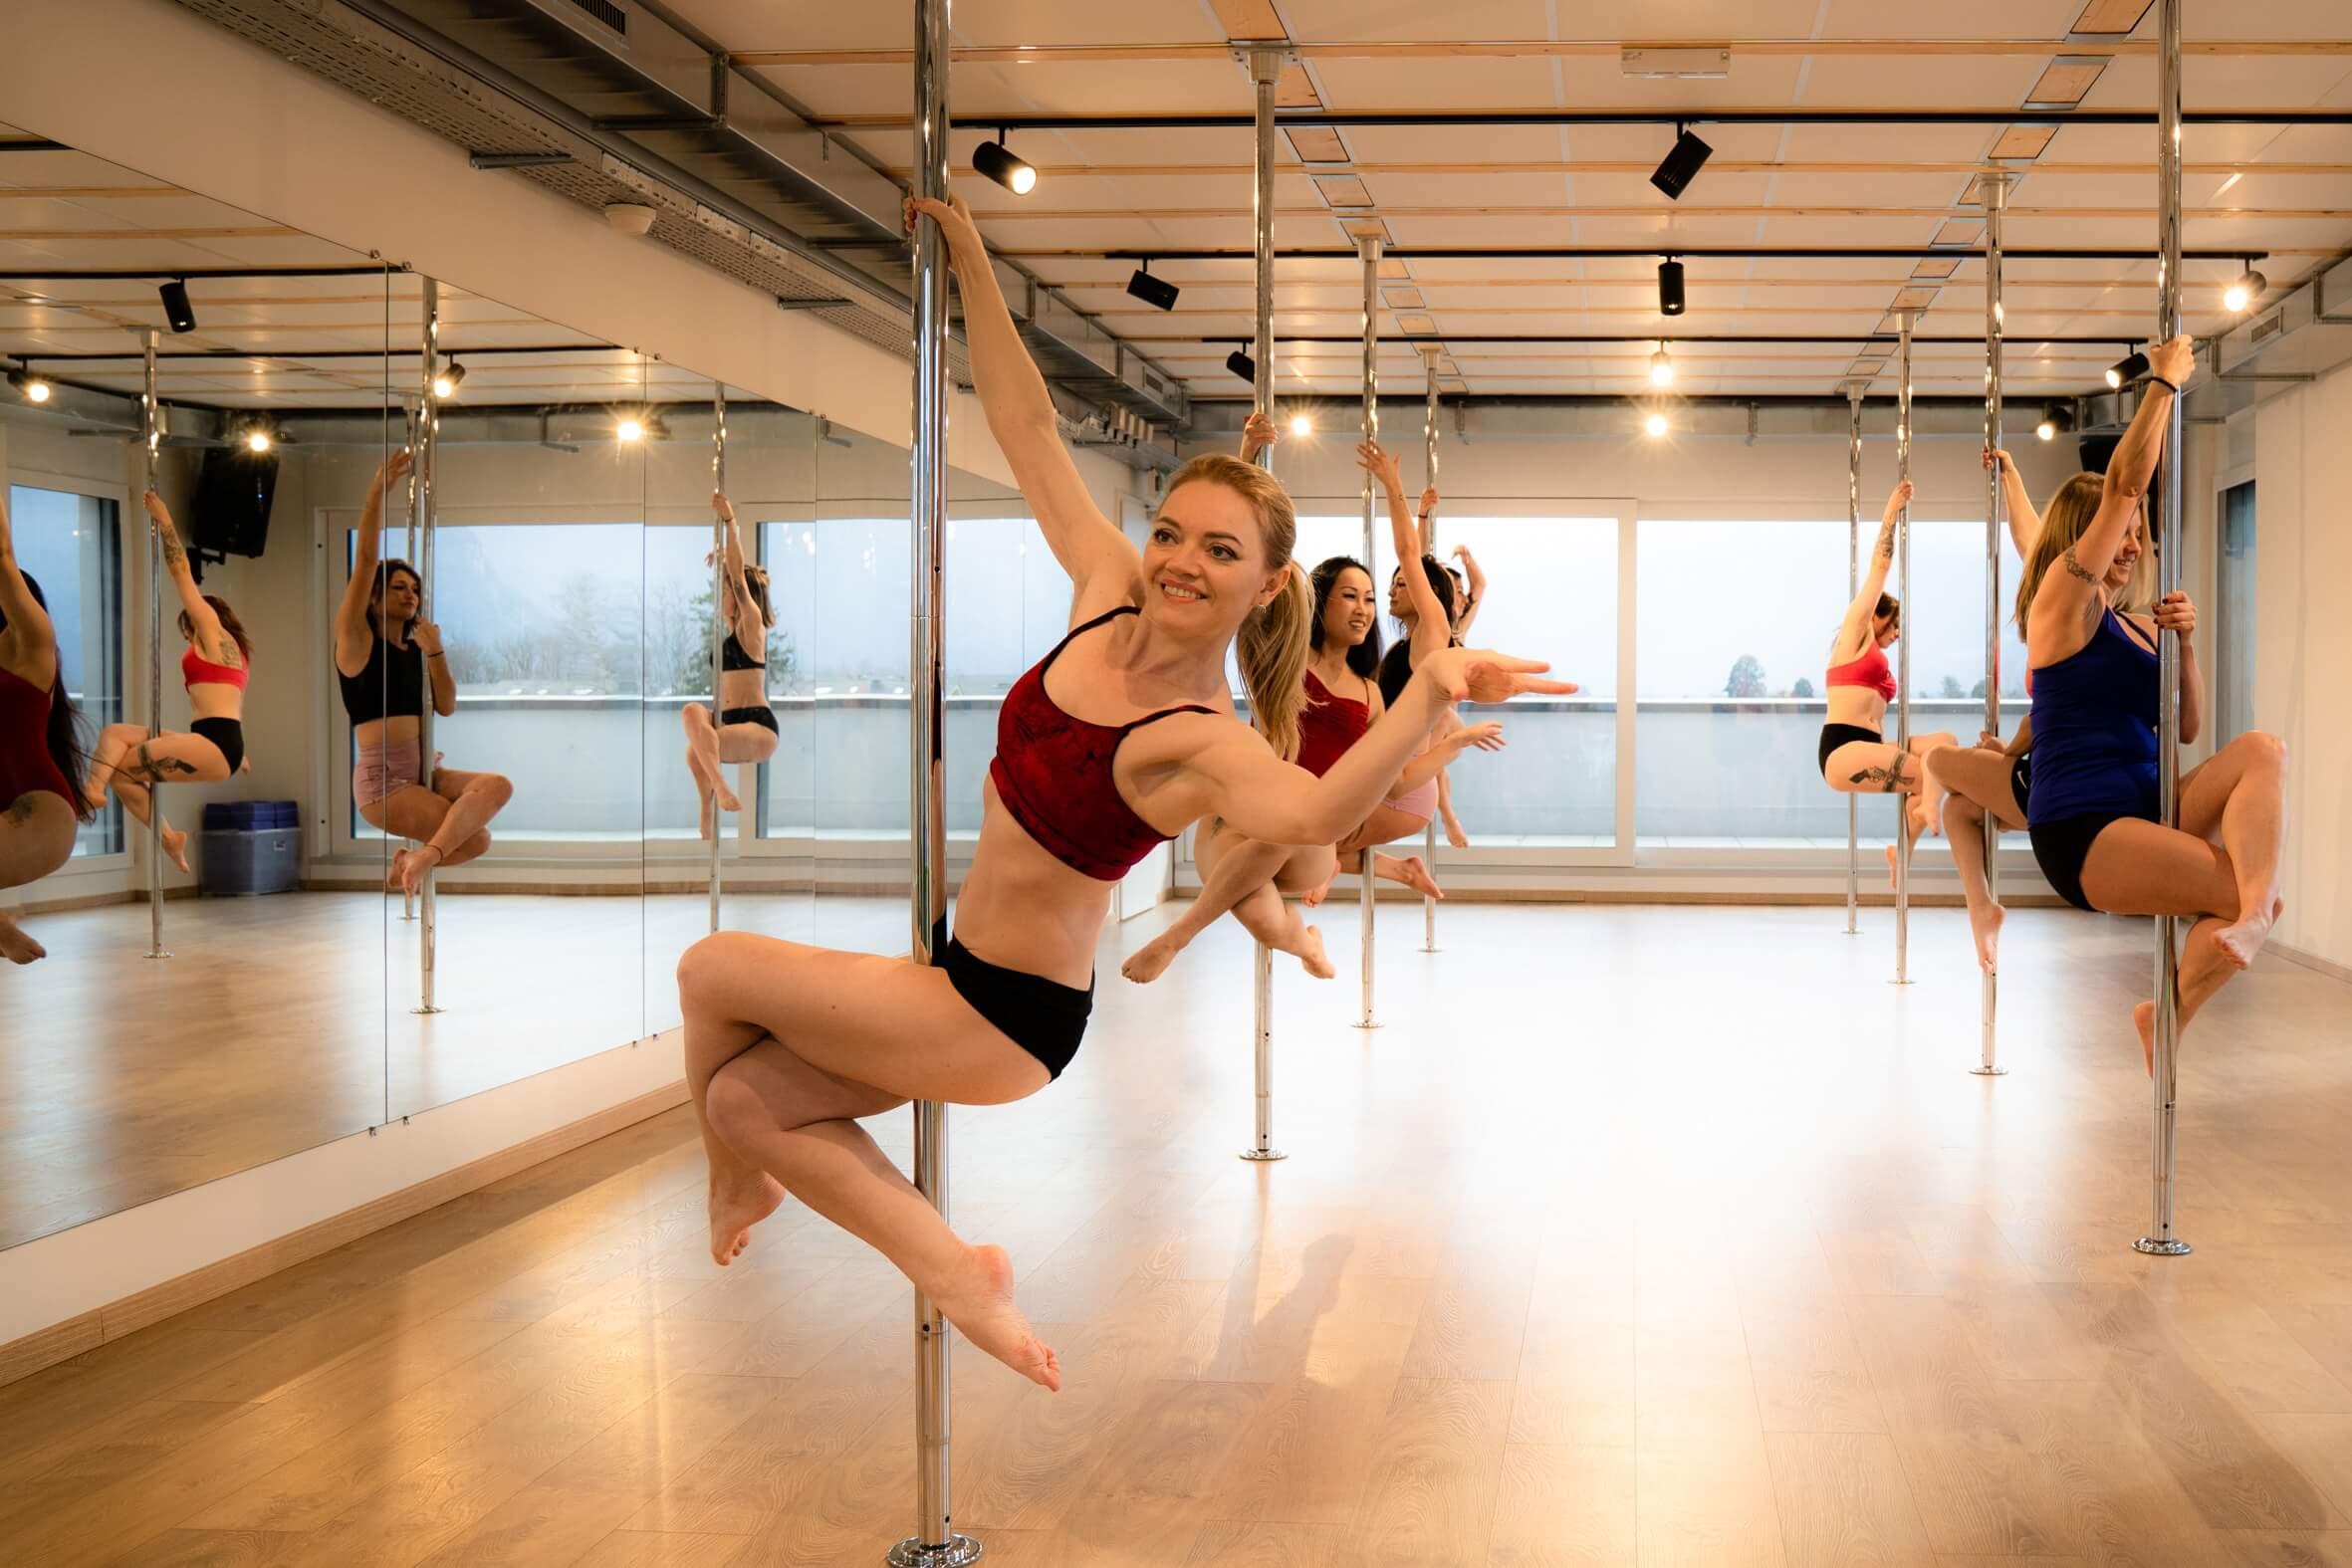 cours-pole-dance-villeneuve-vaud-athletics-center-34